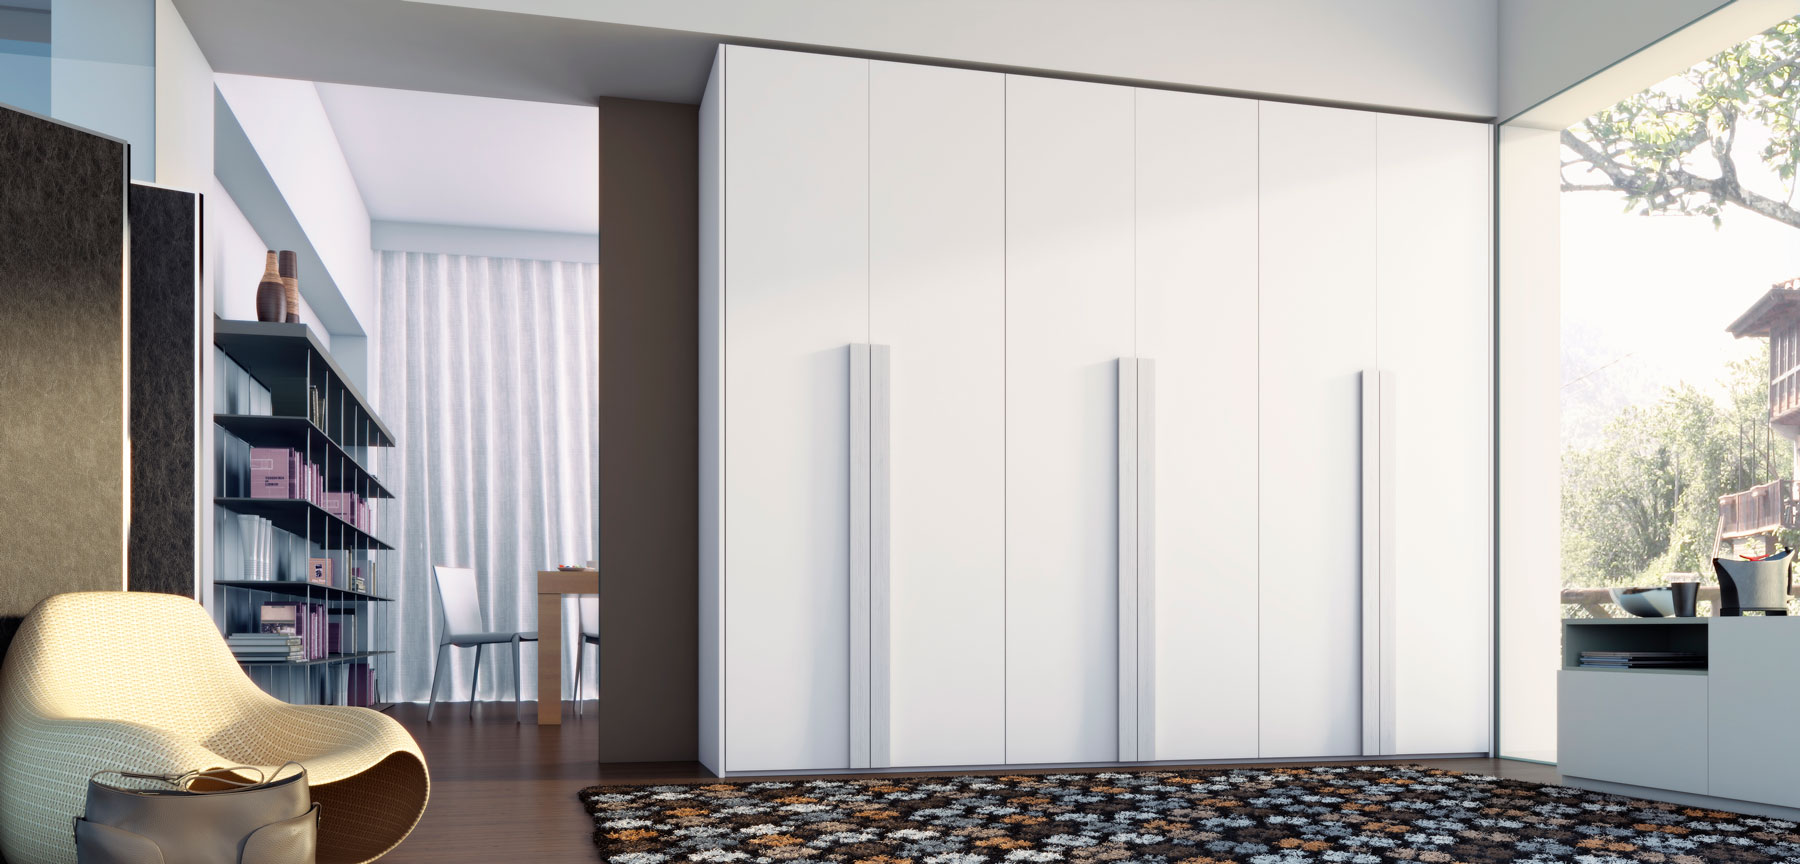 Tiendas De Muebles Santander Affordable Distribuye El Interior  # Muebles Cecilia Santander